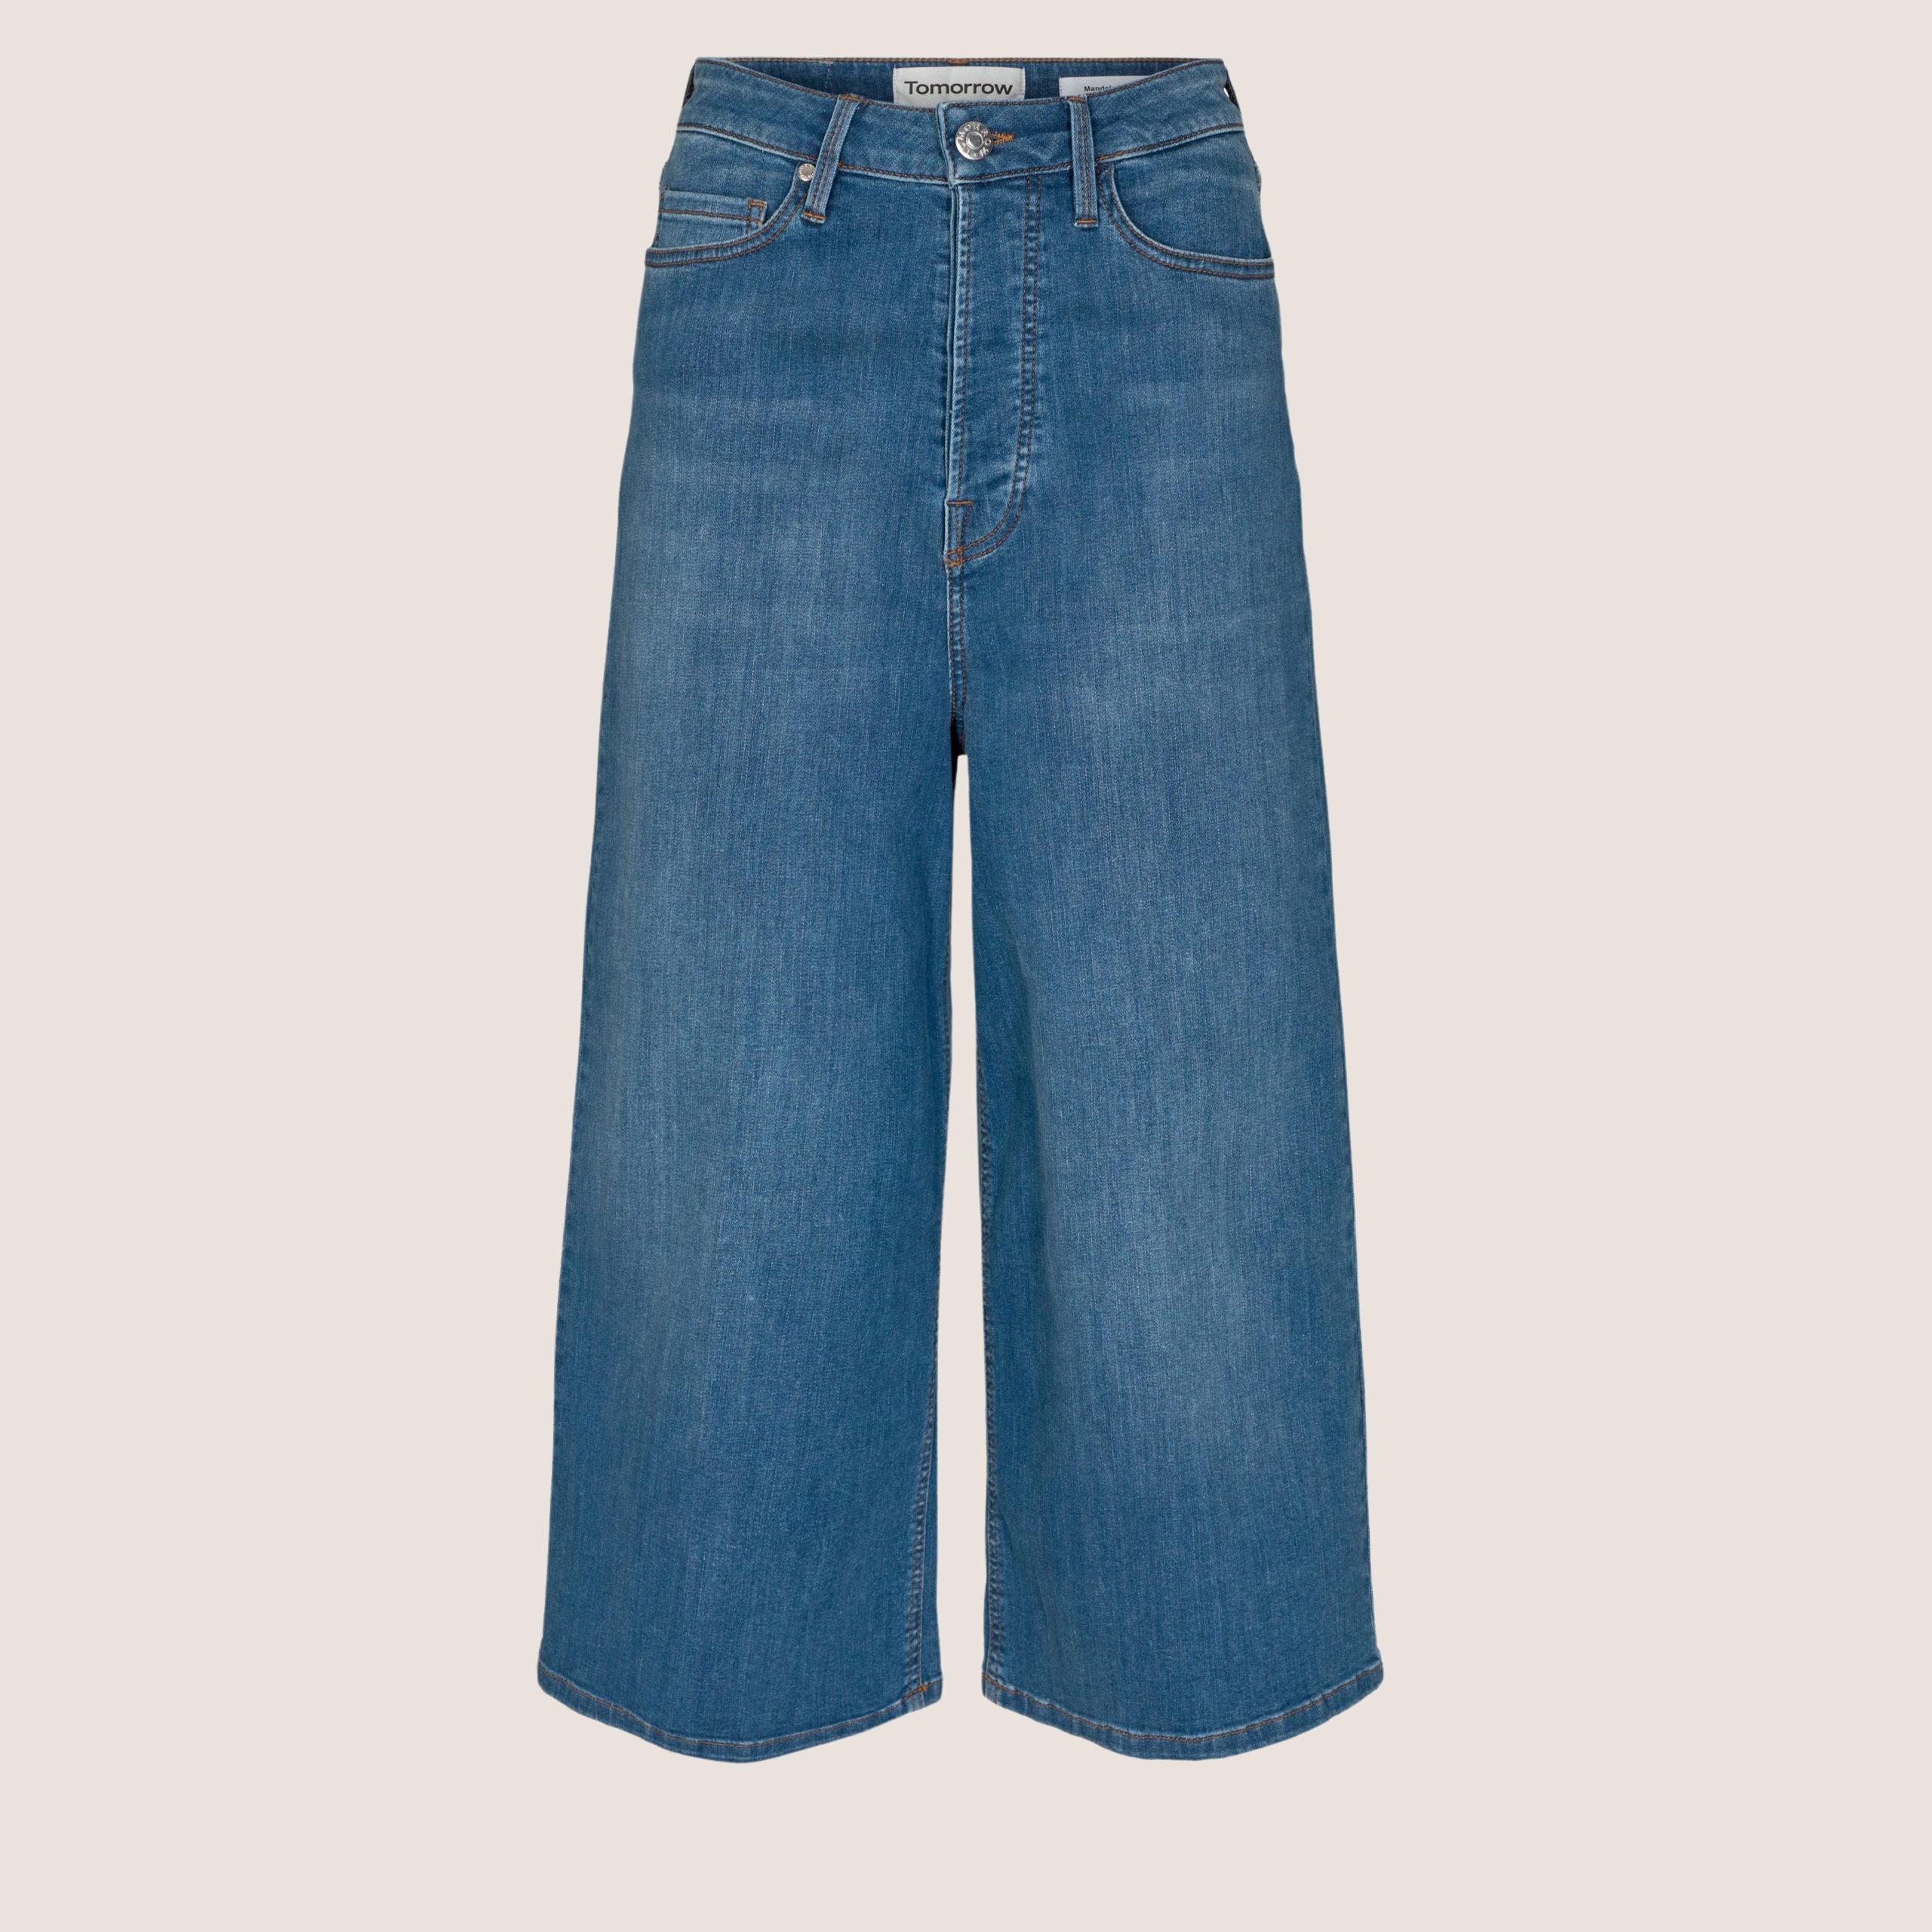 Mandela Culotte Jeans - Florence